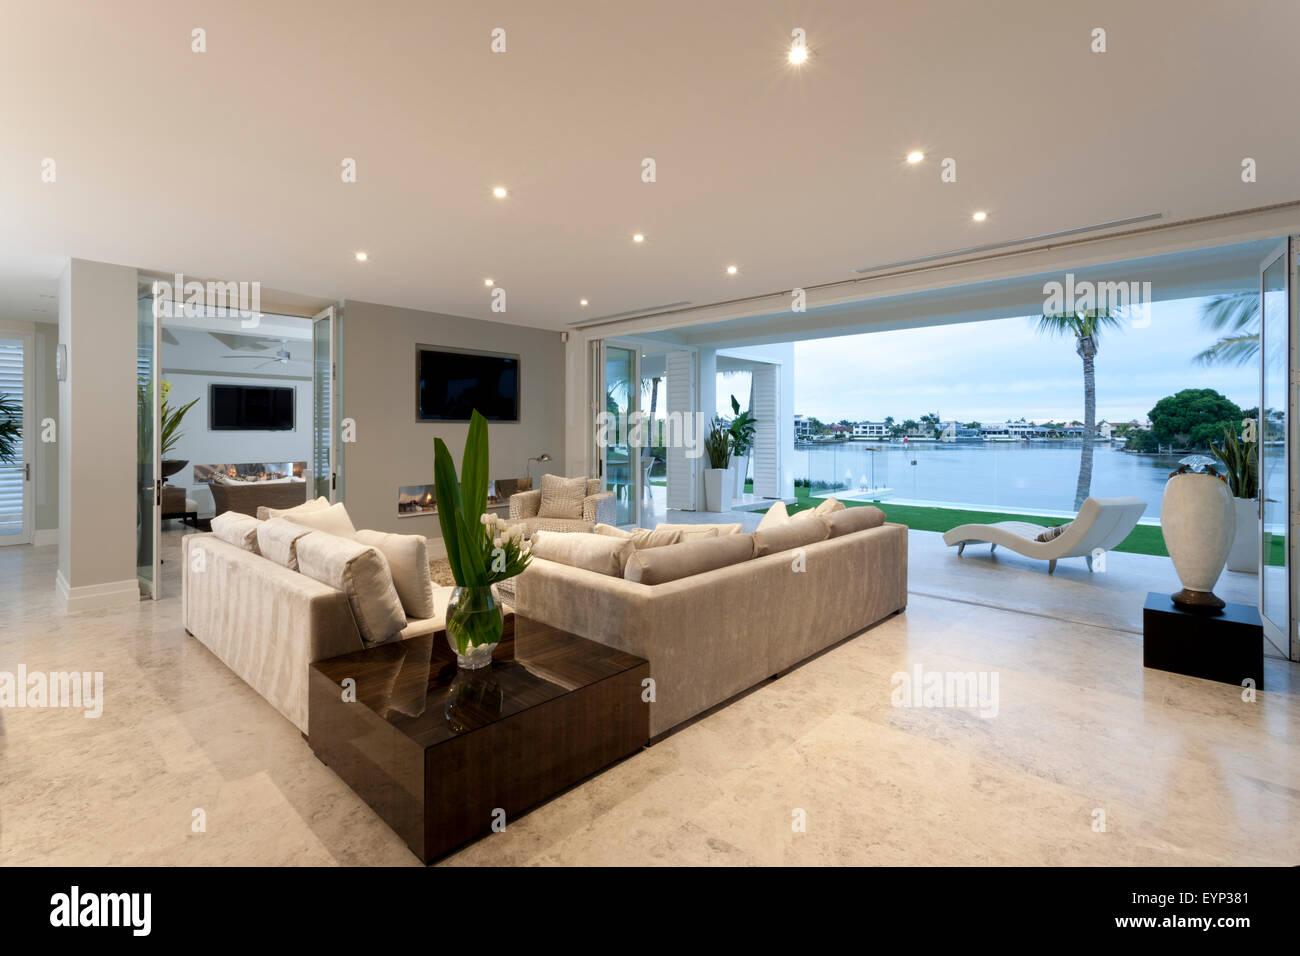 Schönes Wohnzimmer mit offenen Türen zu einem Hof, einen großen See ...